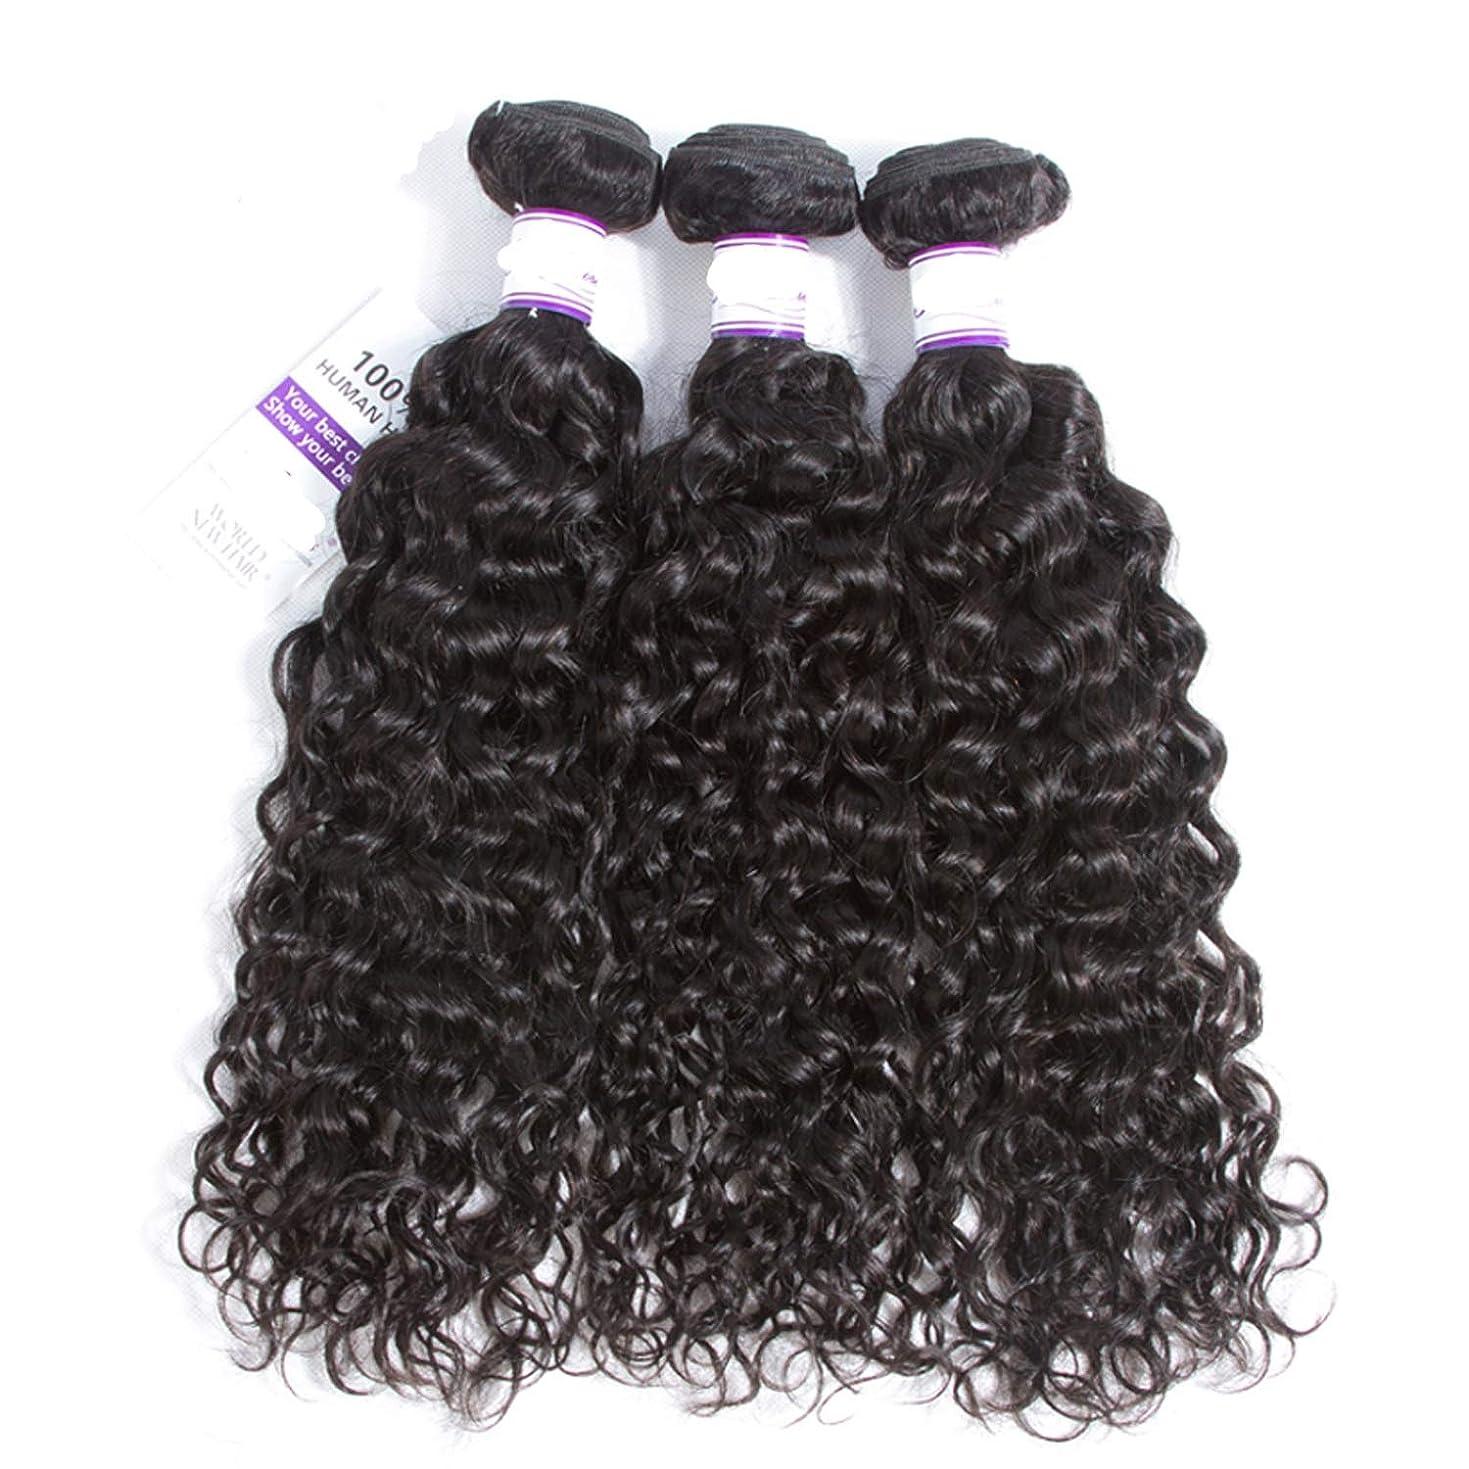 実業家ウールベアリングサークルインドの水波実体髪3バンドル髪織り100%人間のremy髪横糸8-28インチ体毛延長 かつら (Length : 14 16 18)